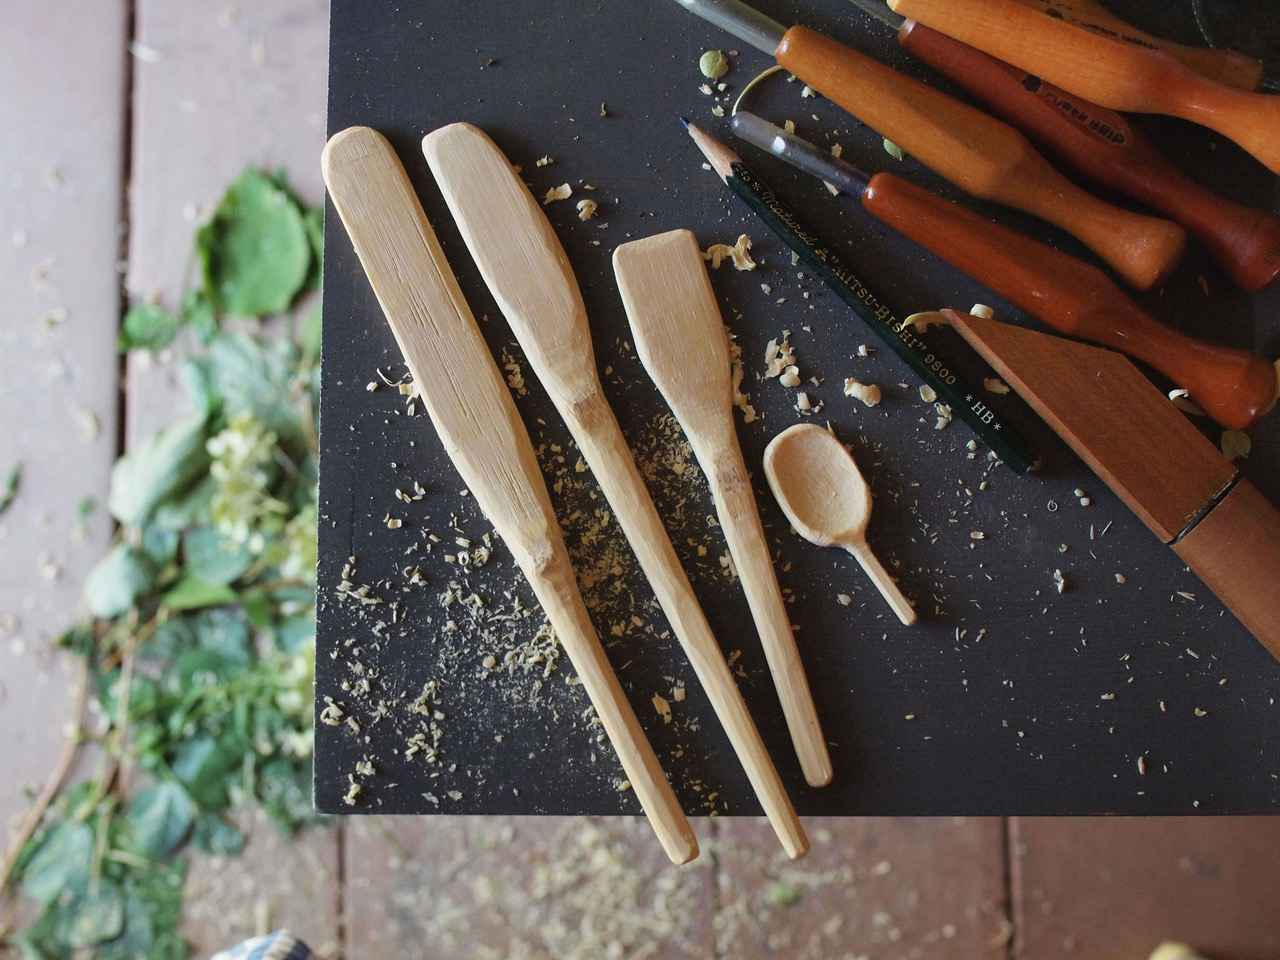 画像: いろんな形をつくってみました。庭の小屋の中での作業なら、木くずがいくら落ちても平気で快適。左端のヘラは、餃子づくりで活躍